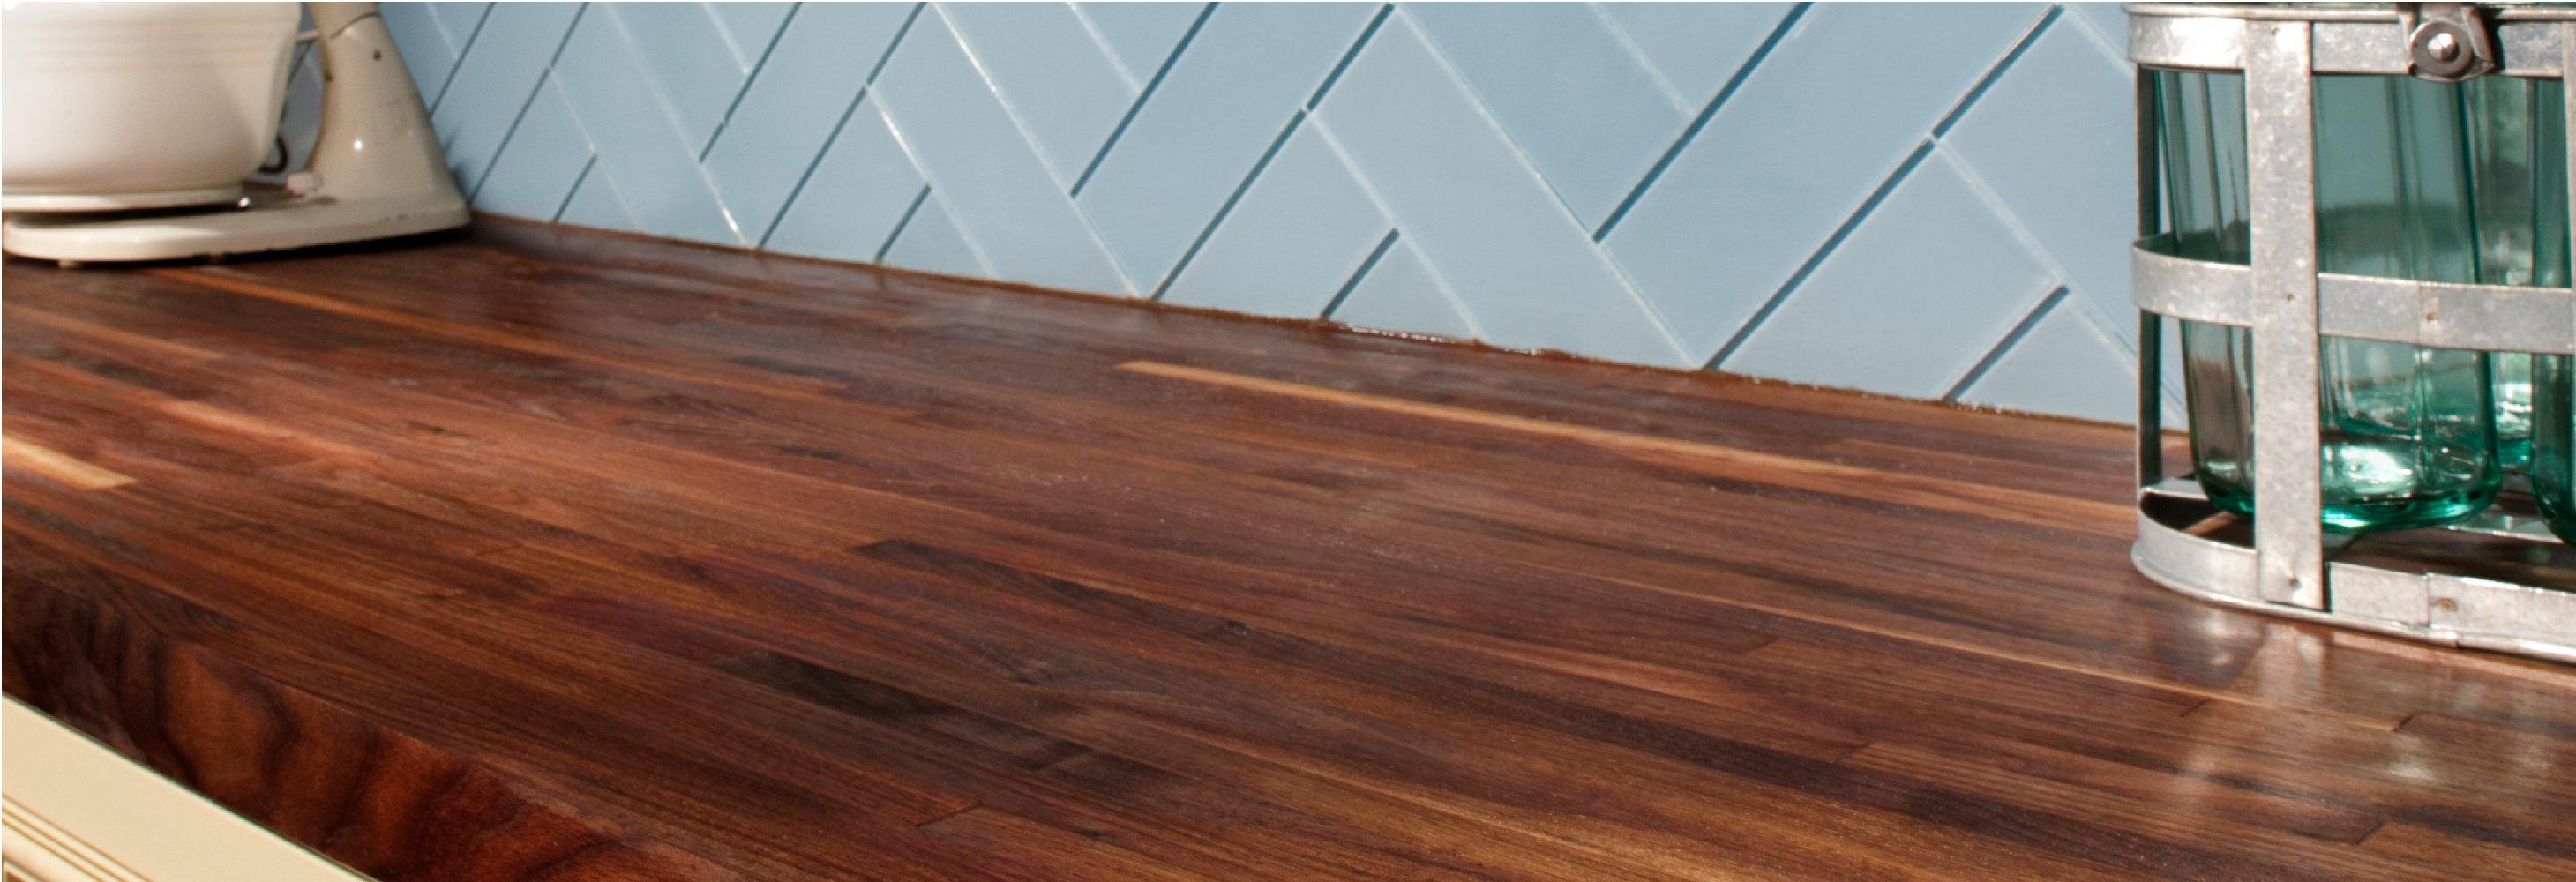 Delicieux Wood Countertops